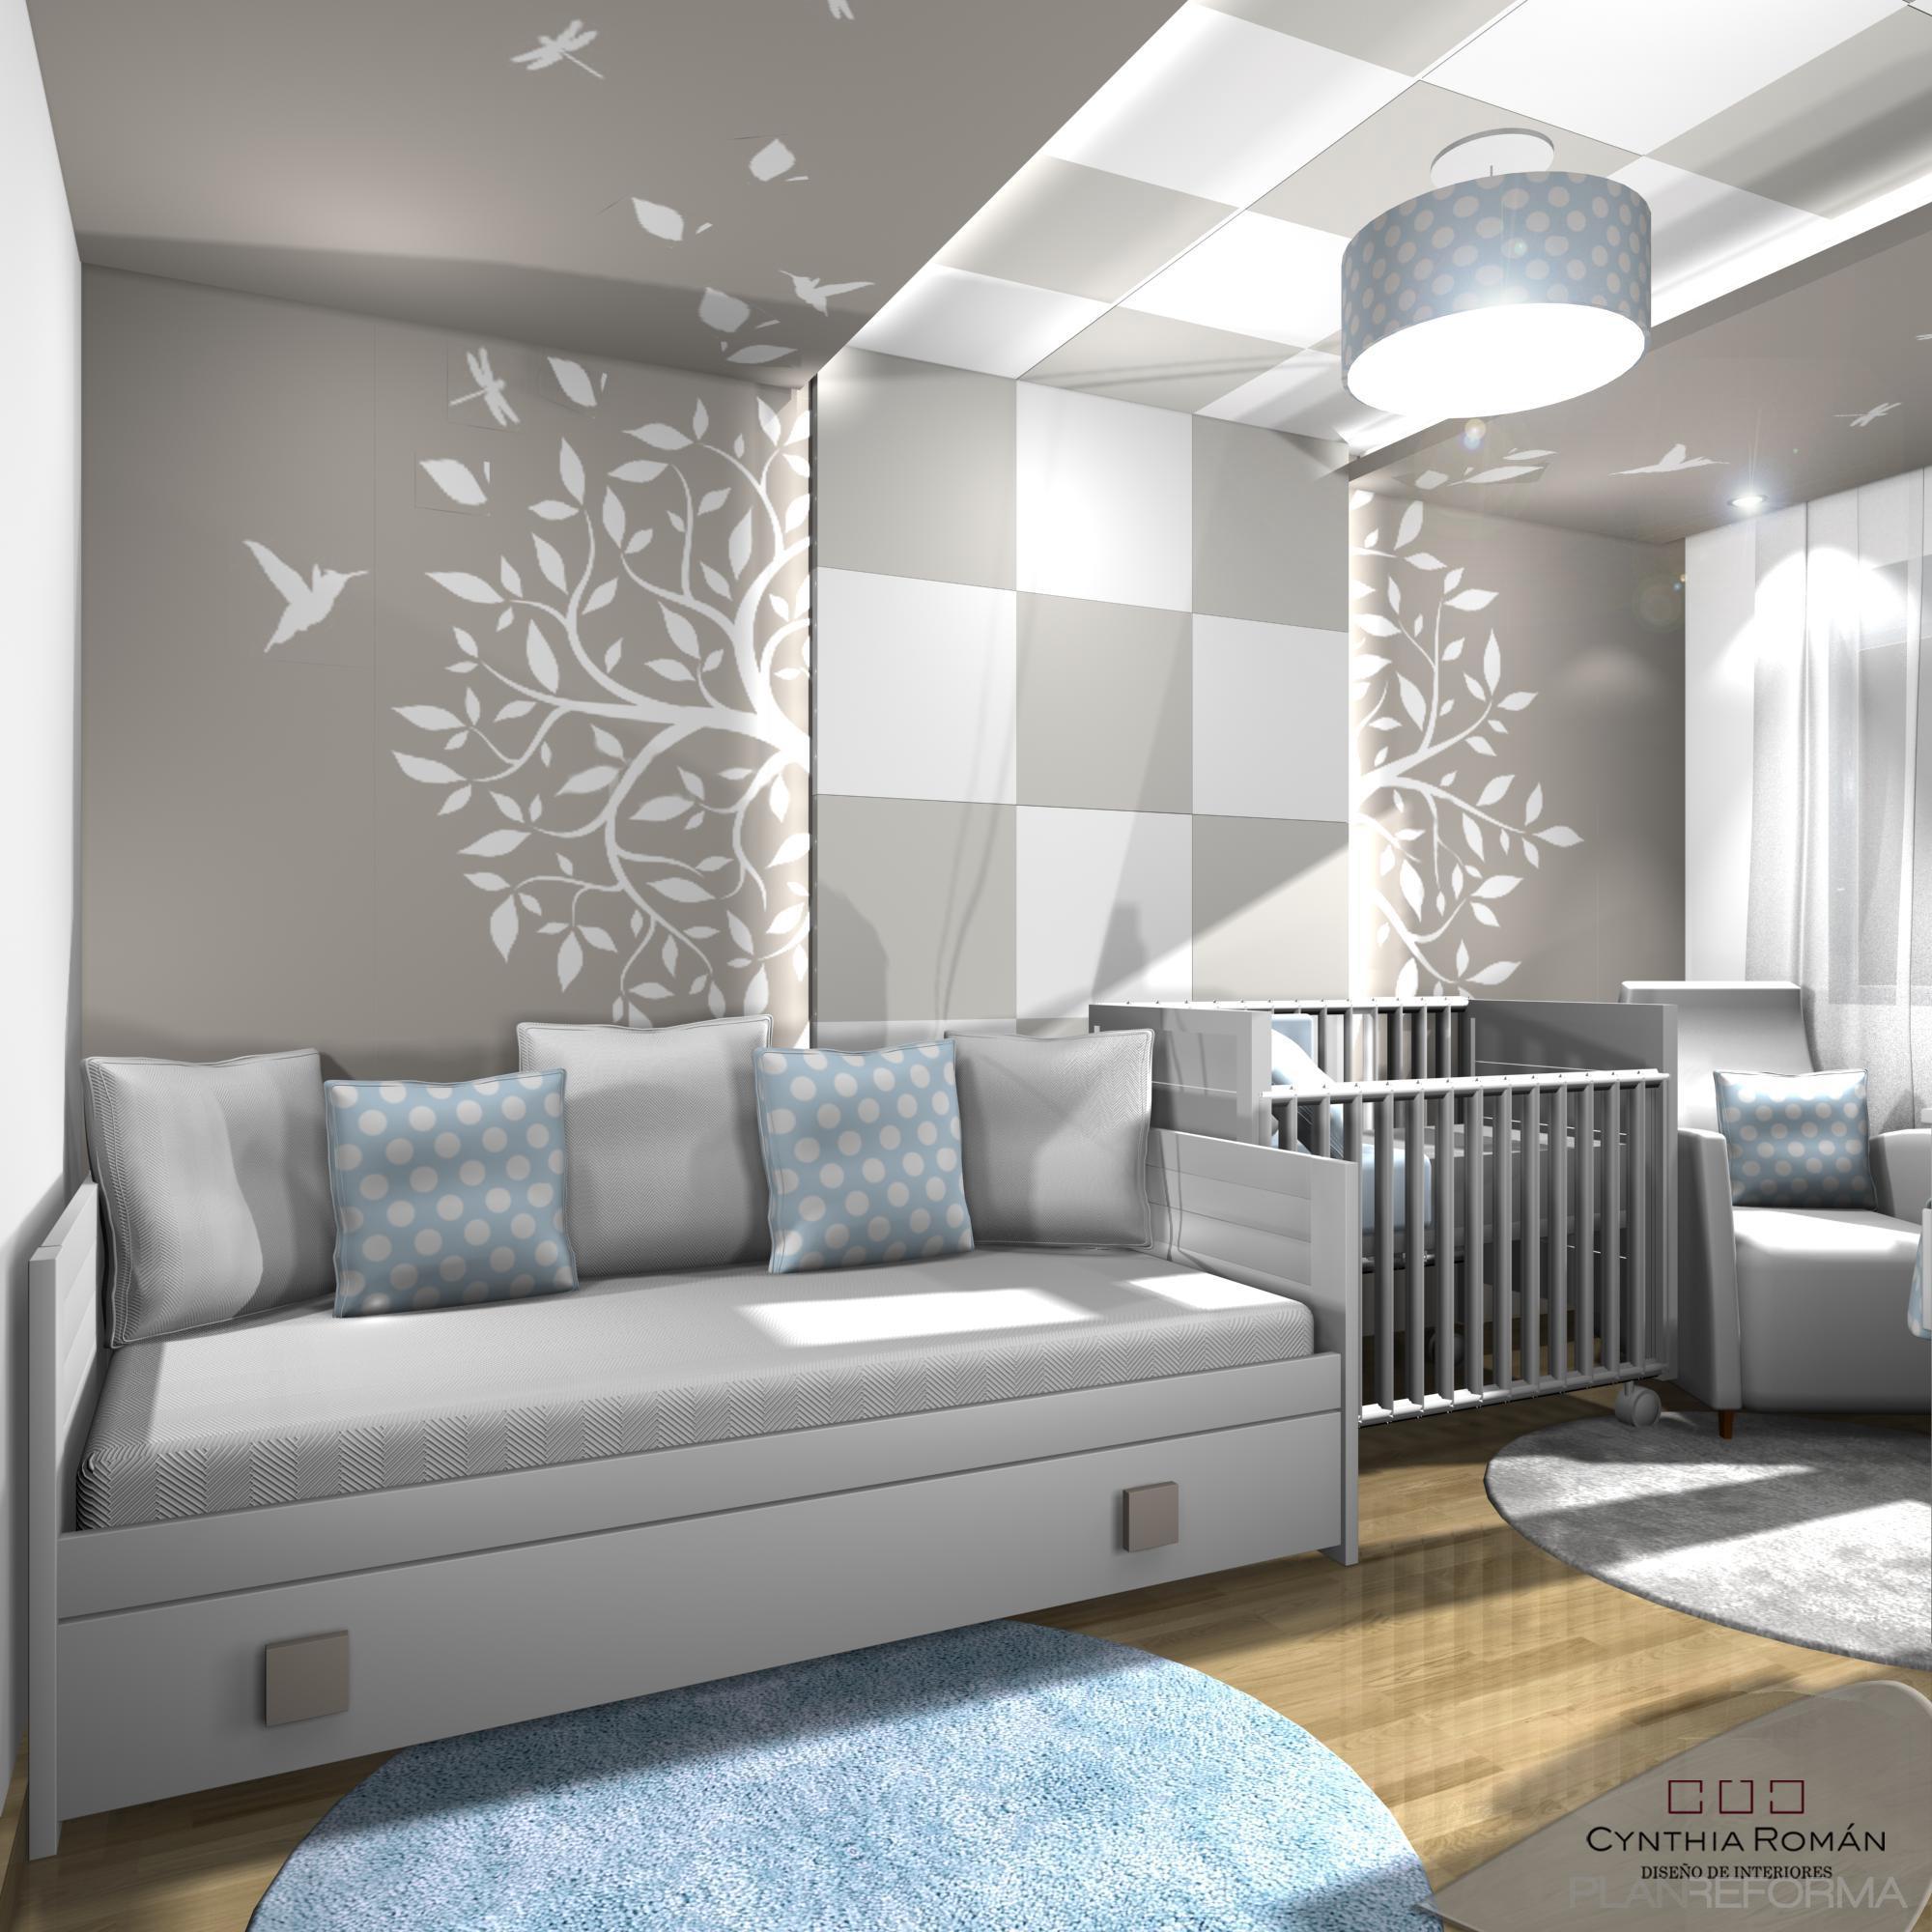 Dormitorio salon style moderno color blanco gris - Salon moderno blanco ...